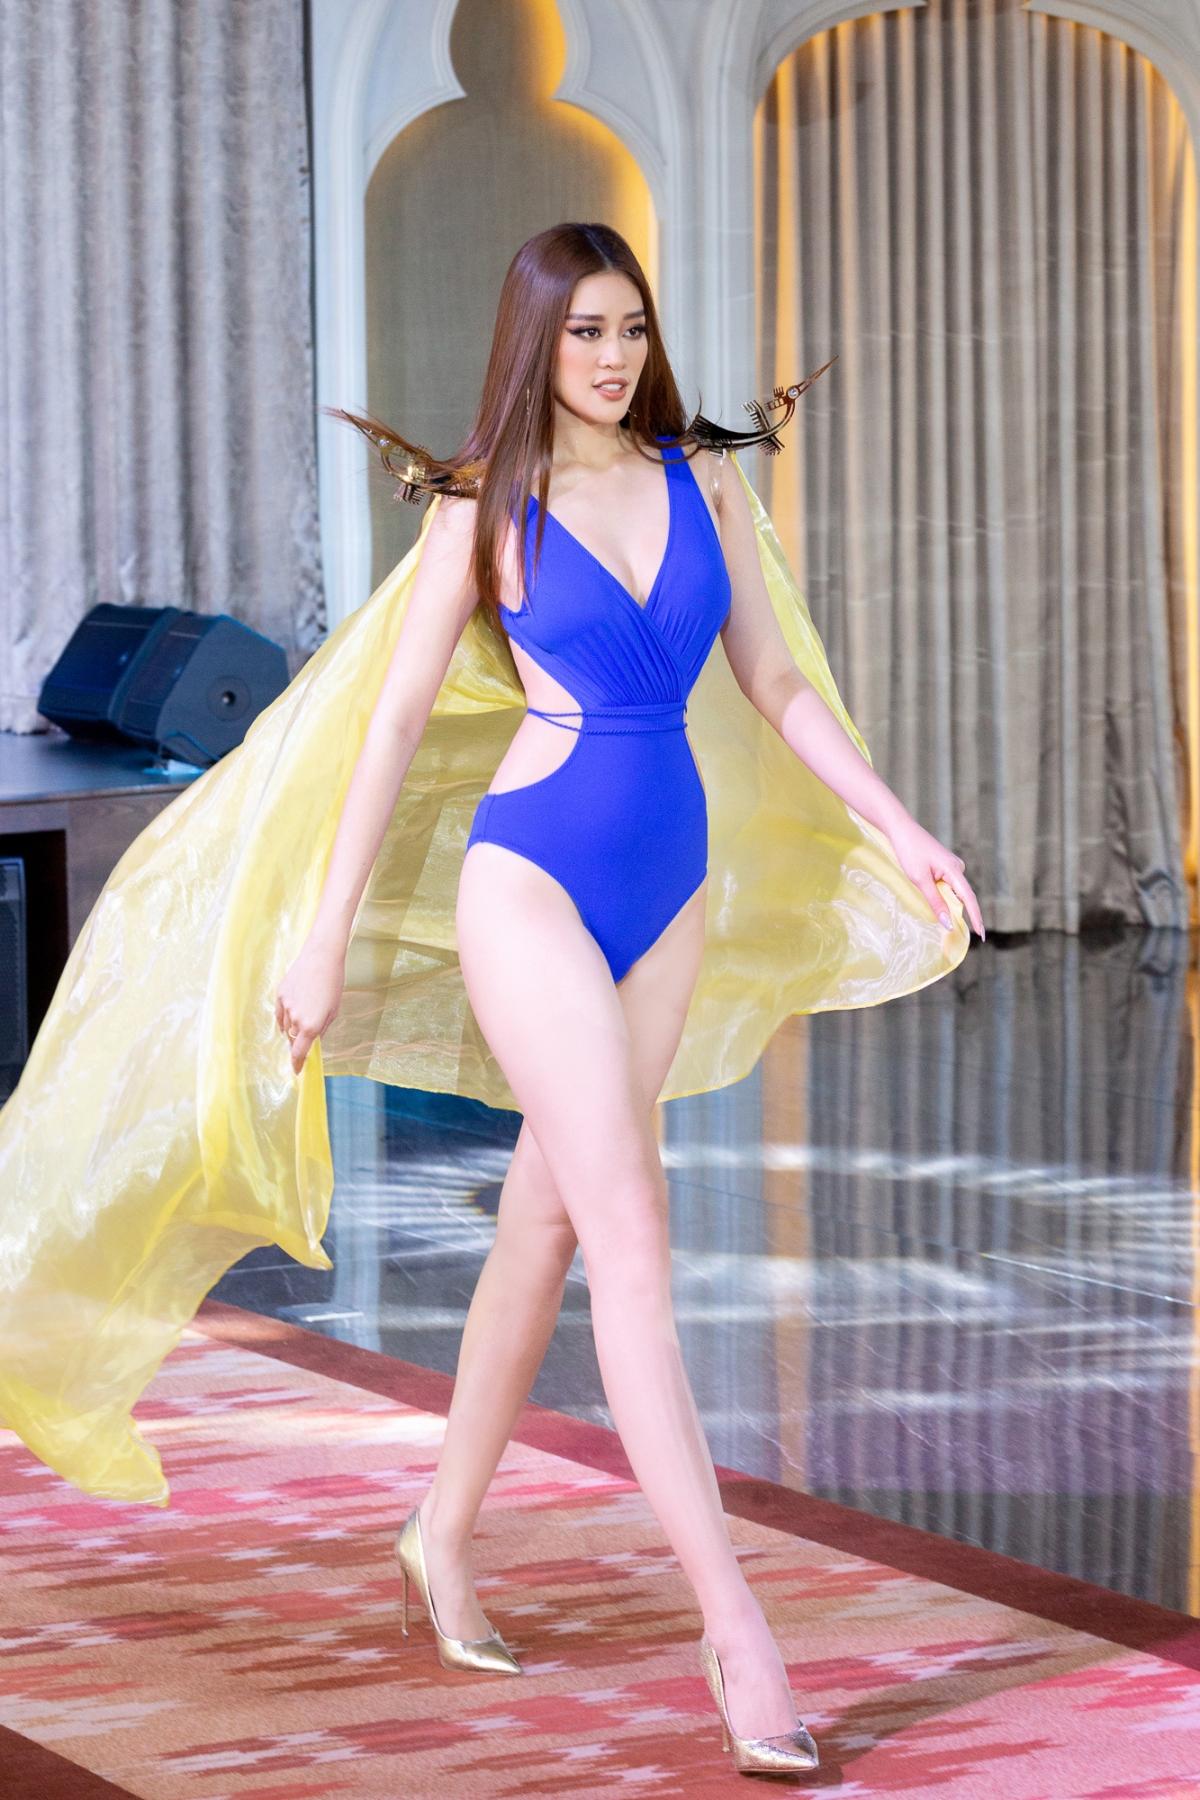 Có ê-kíp chuyên nghiệp, Khánh Vân được kỳ vọng sẽ nối tiếp thành tích đáng tự hào của các đại diện Việt Nam tại Miss Universe là HHen Niê, Hoàng Thùy. Nếu như năm 2018, HHen Niê làm nên kỳ tích khi đưa Việt Nam lần đầu tiên được gọi tên trong top 5 chung cuộc thì Hoàng Thùy cũng viết tiếp thành tích on top với thứ hạng top 20. Với Khánh Vân, đây vừa là cơ hội, vừa là thách thức cho cô tại đấu trường nhan sắc khốc liệt nhất hành tinh.